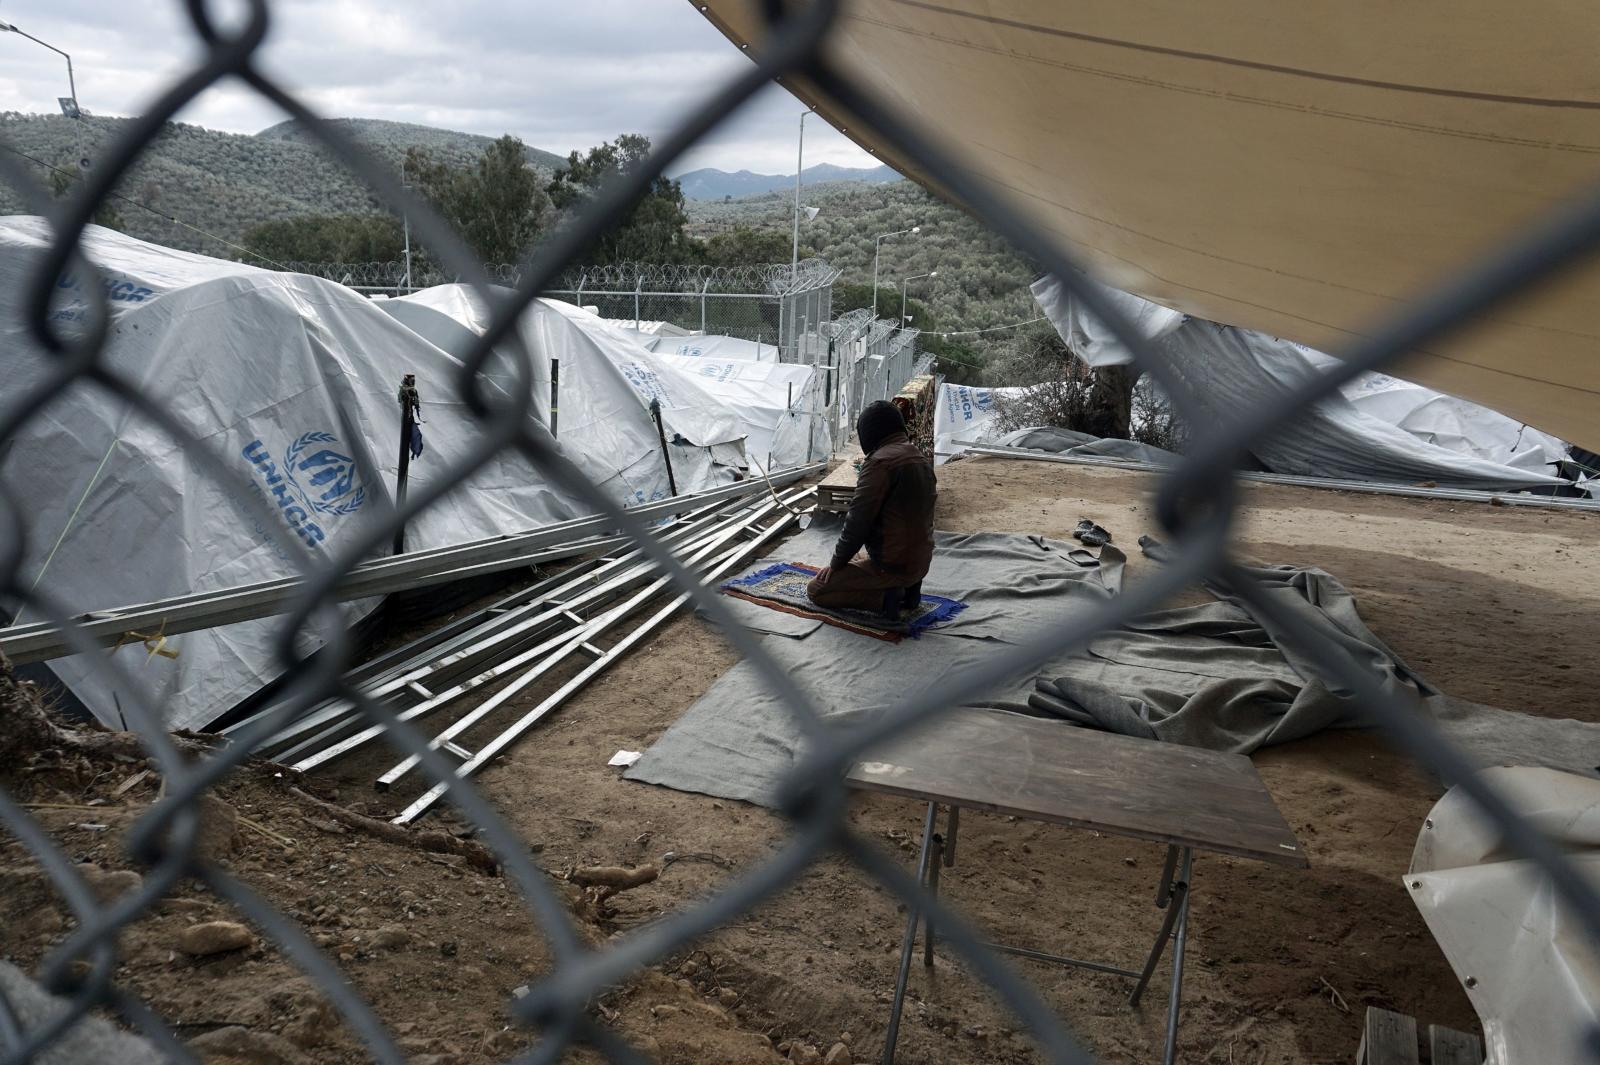 Europe's cruel migration policies weaken its Trump criticism